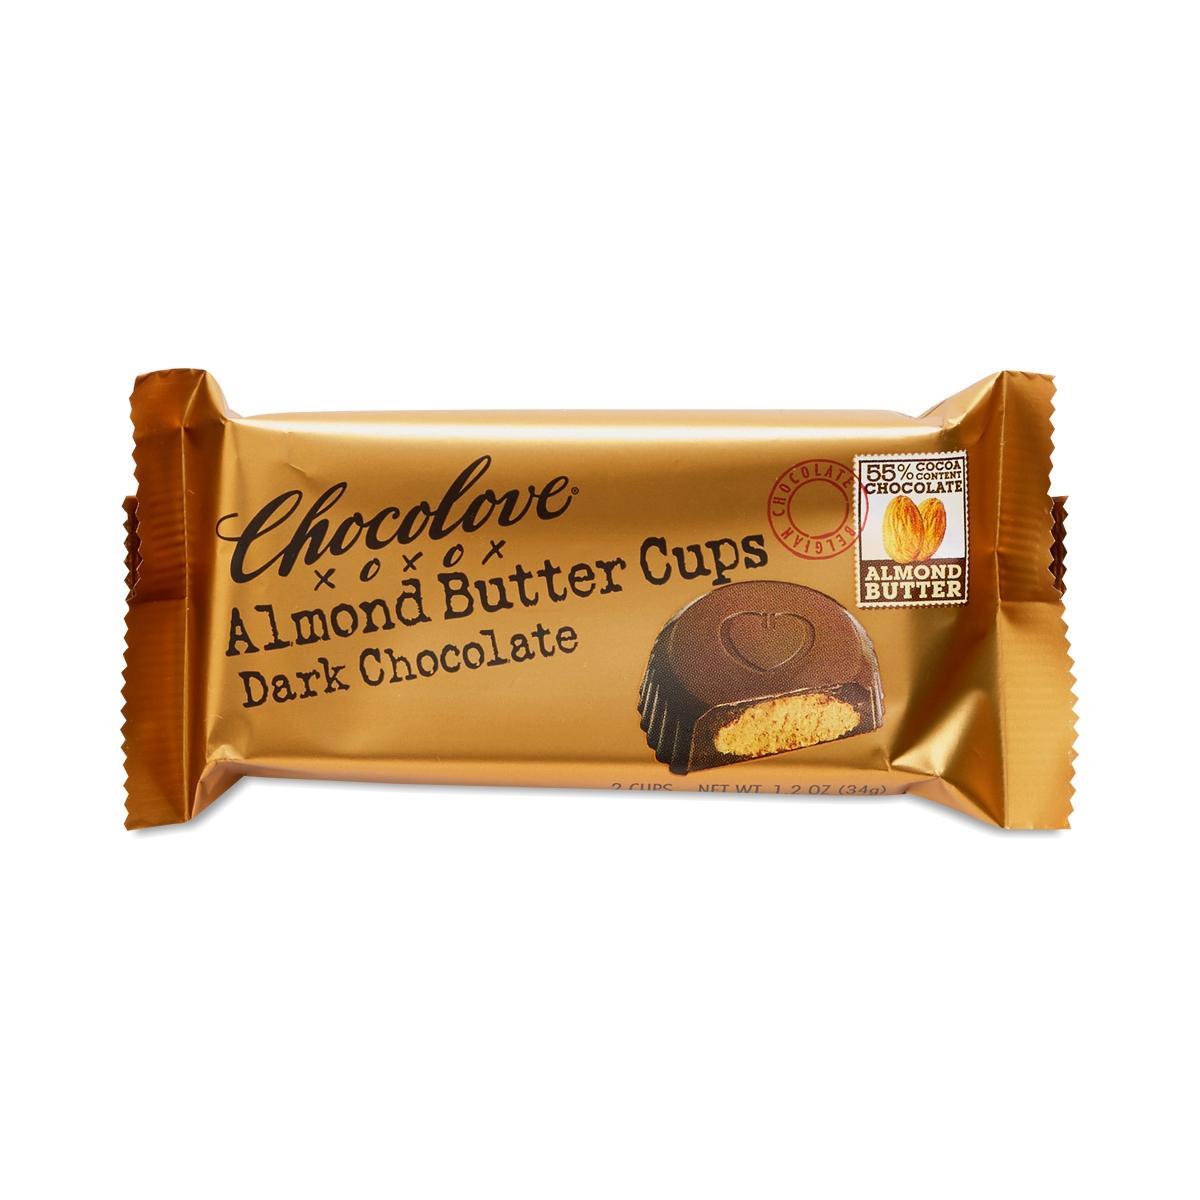 Chocolove Dark Chocolate Chips